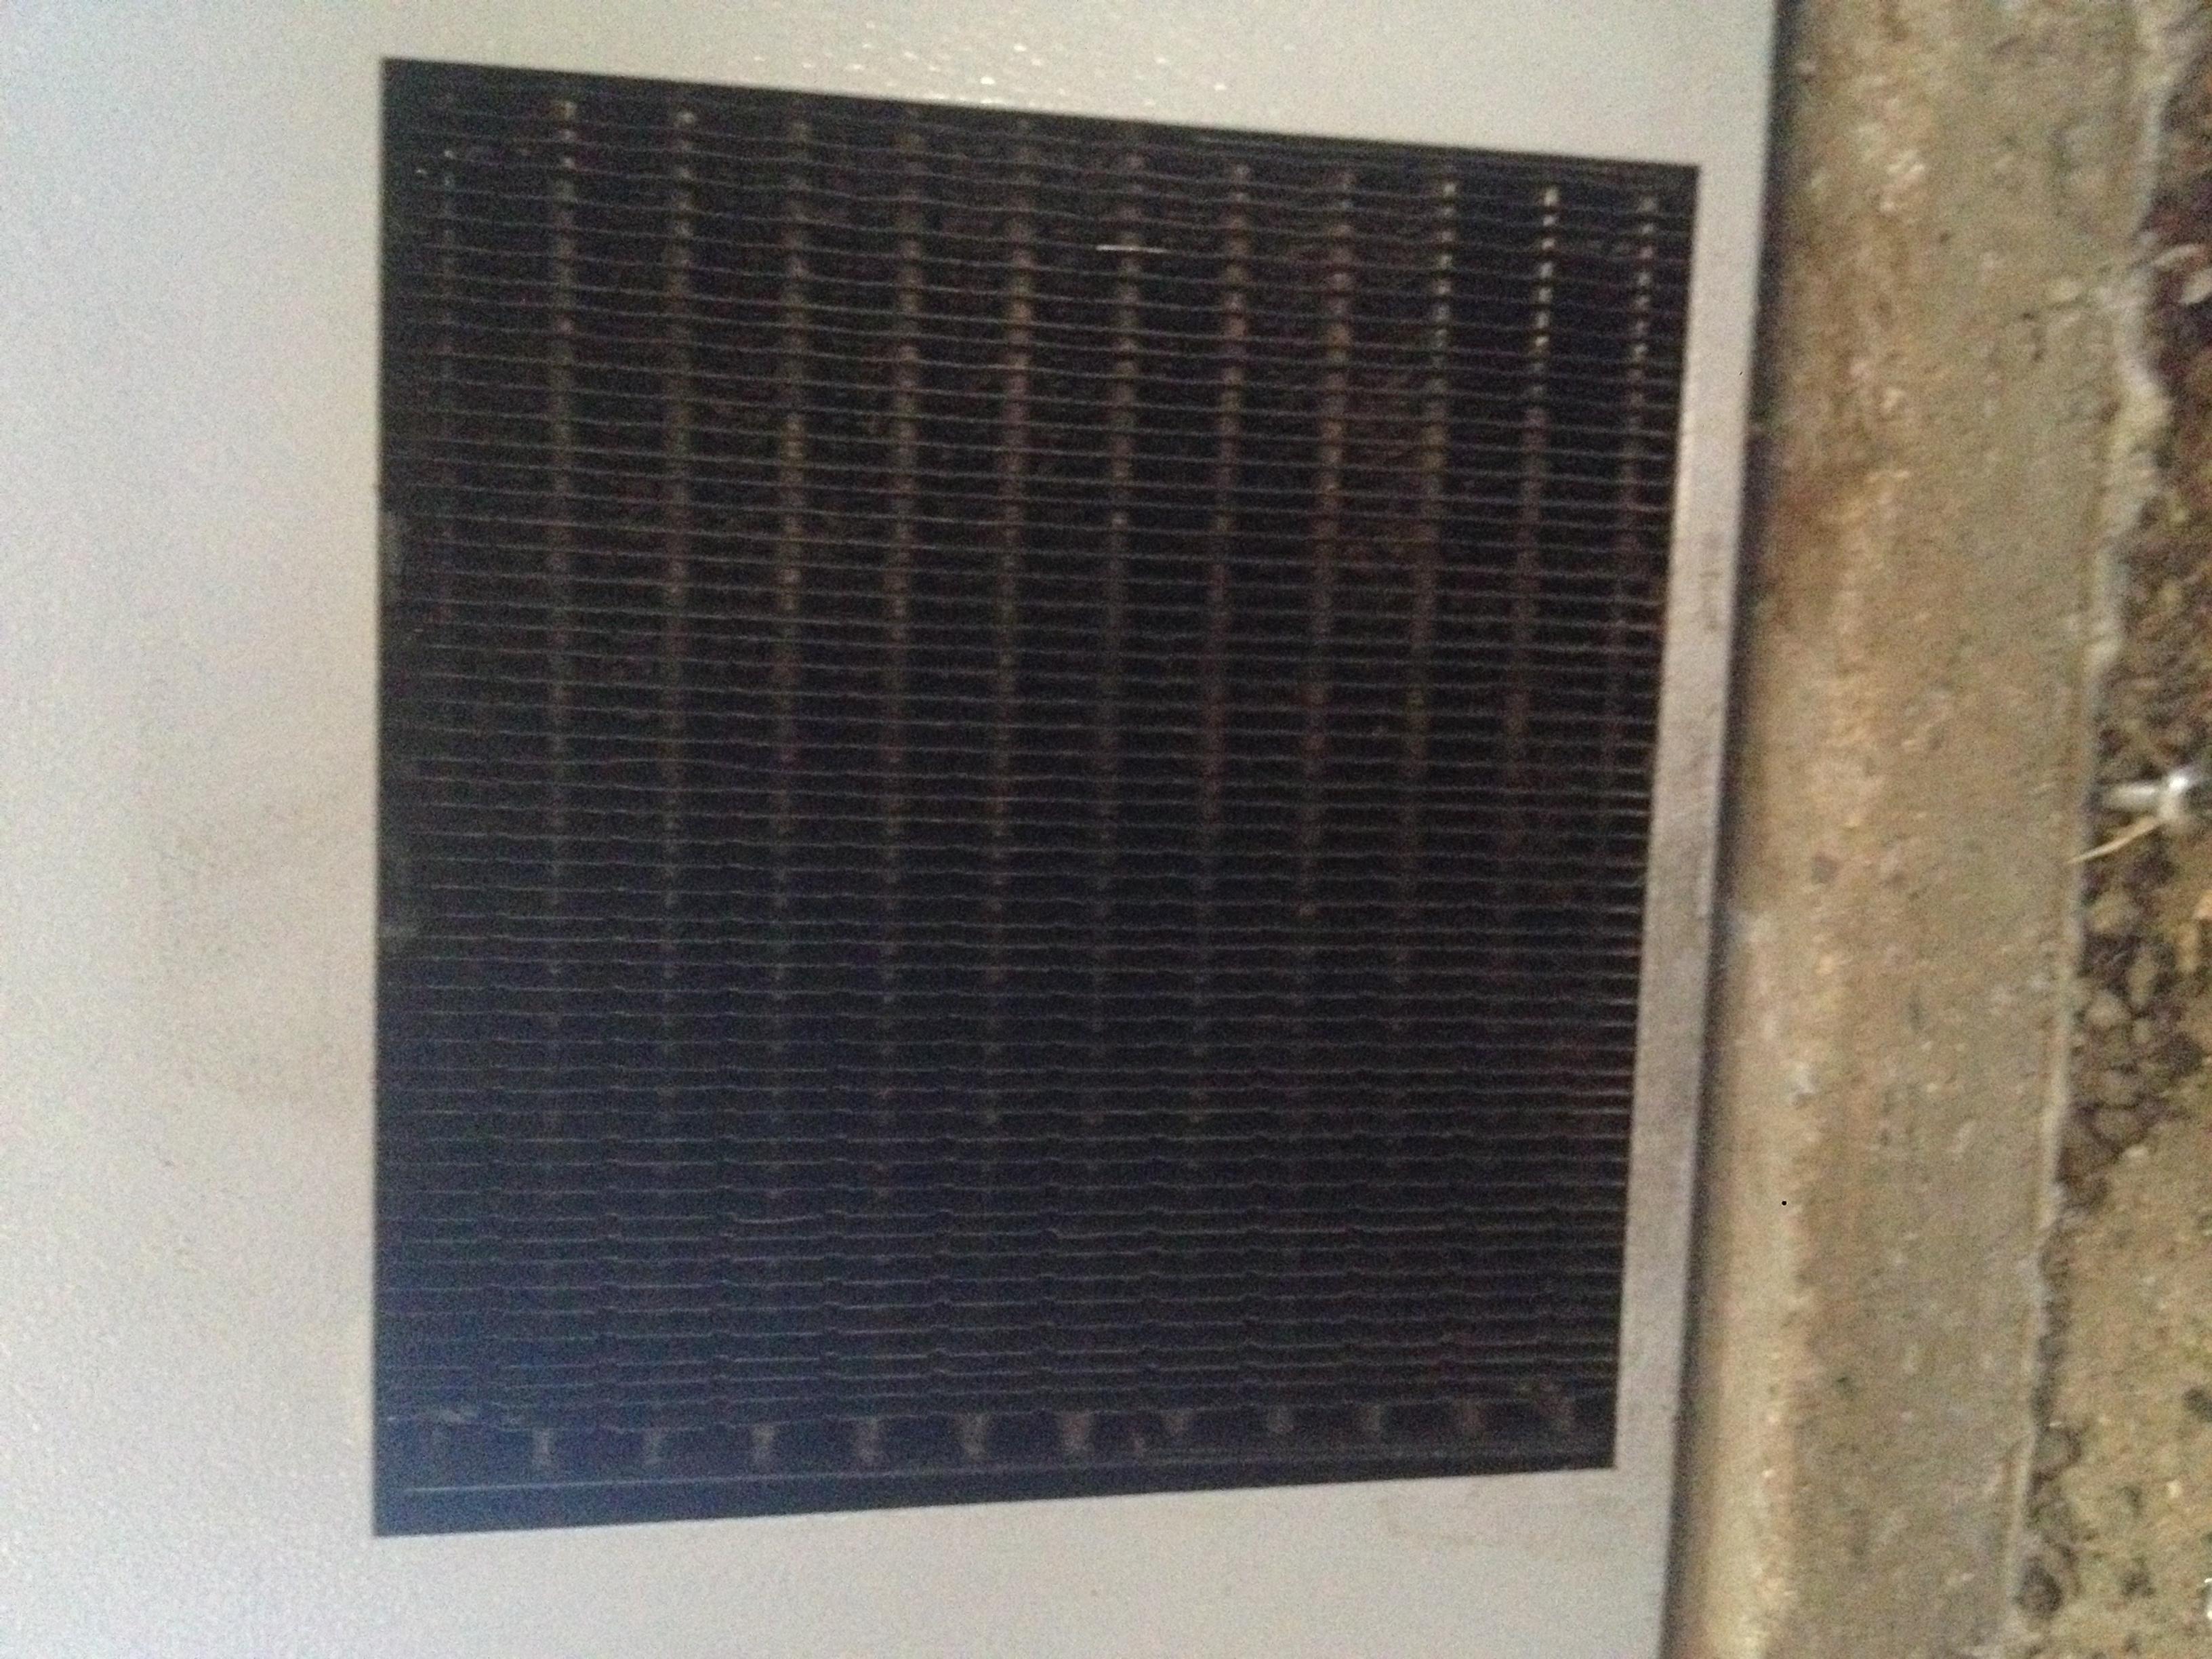 chicago pneumatics air dryer 15hp 40cfm 2010 chicago pneumatics air dryer 15hp 40cfm 2010 4399 1 jpg